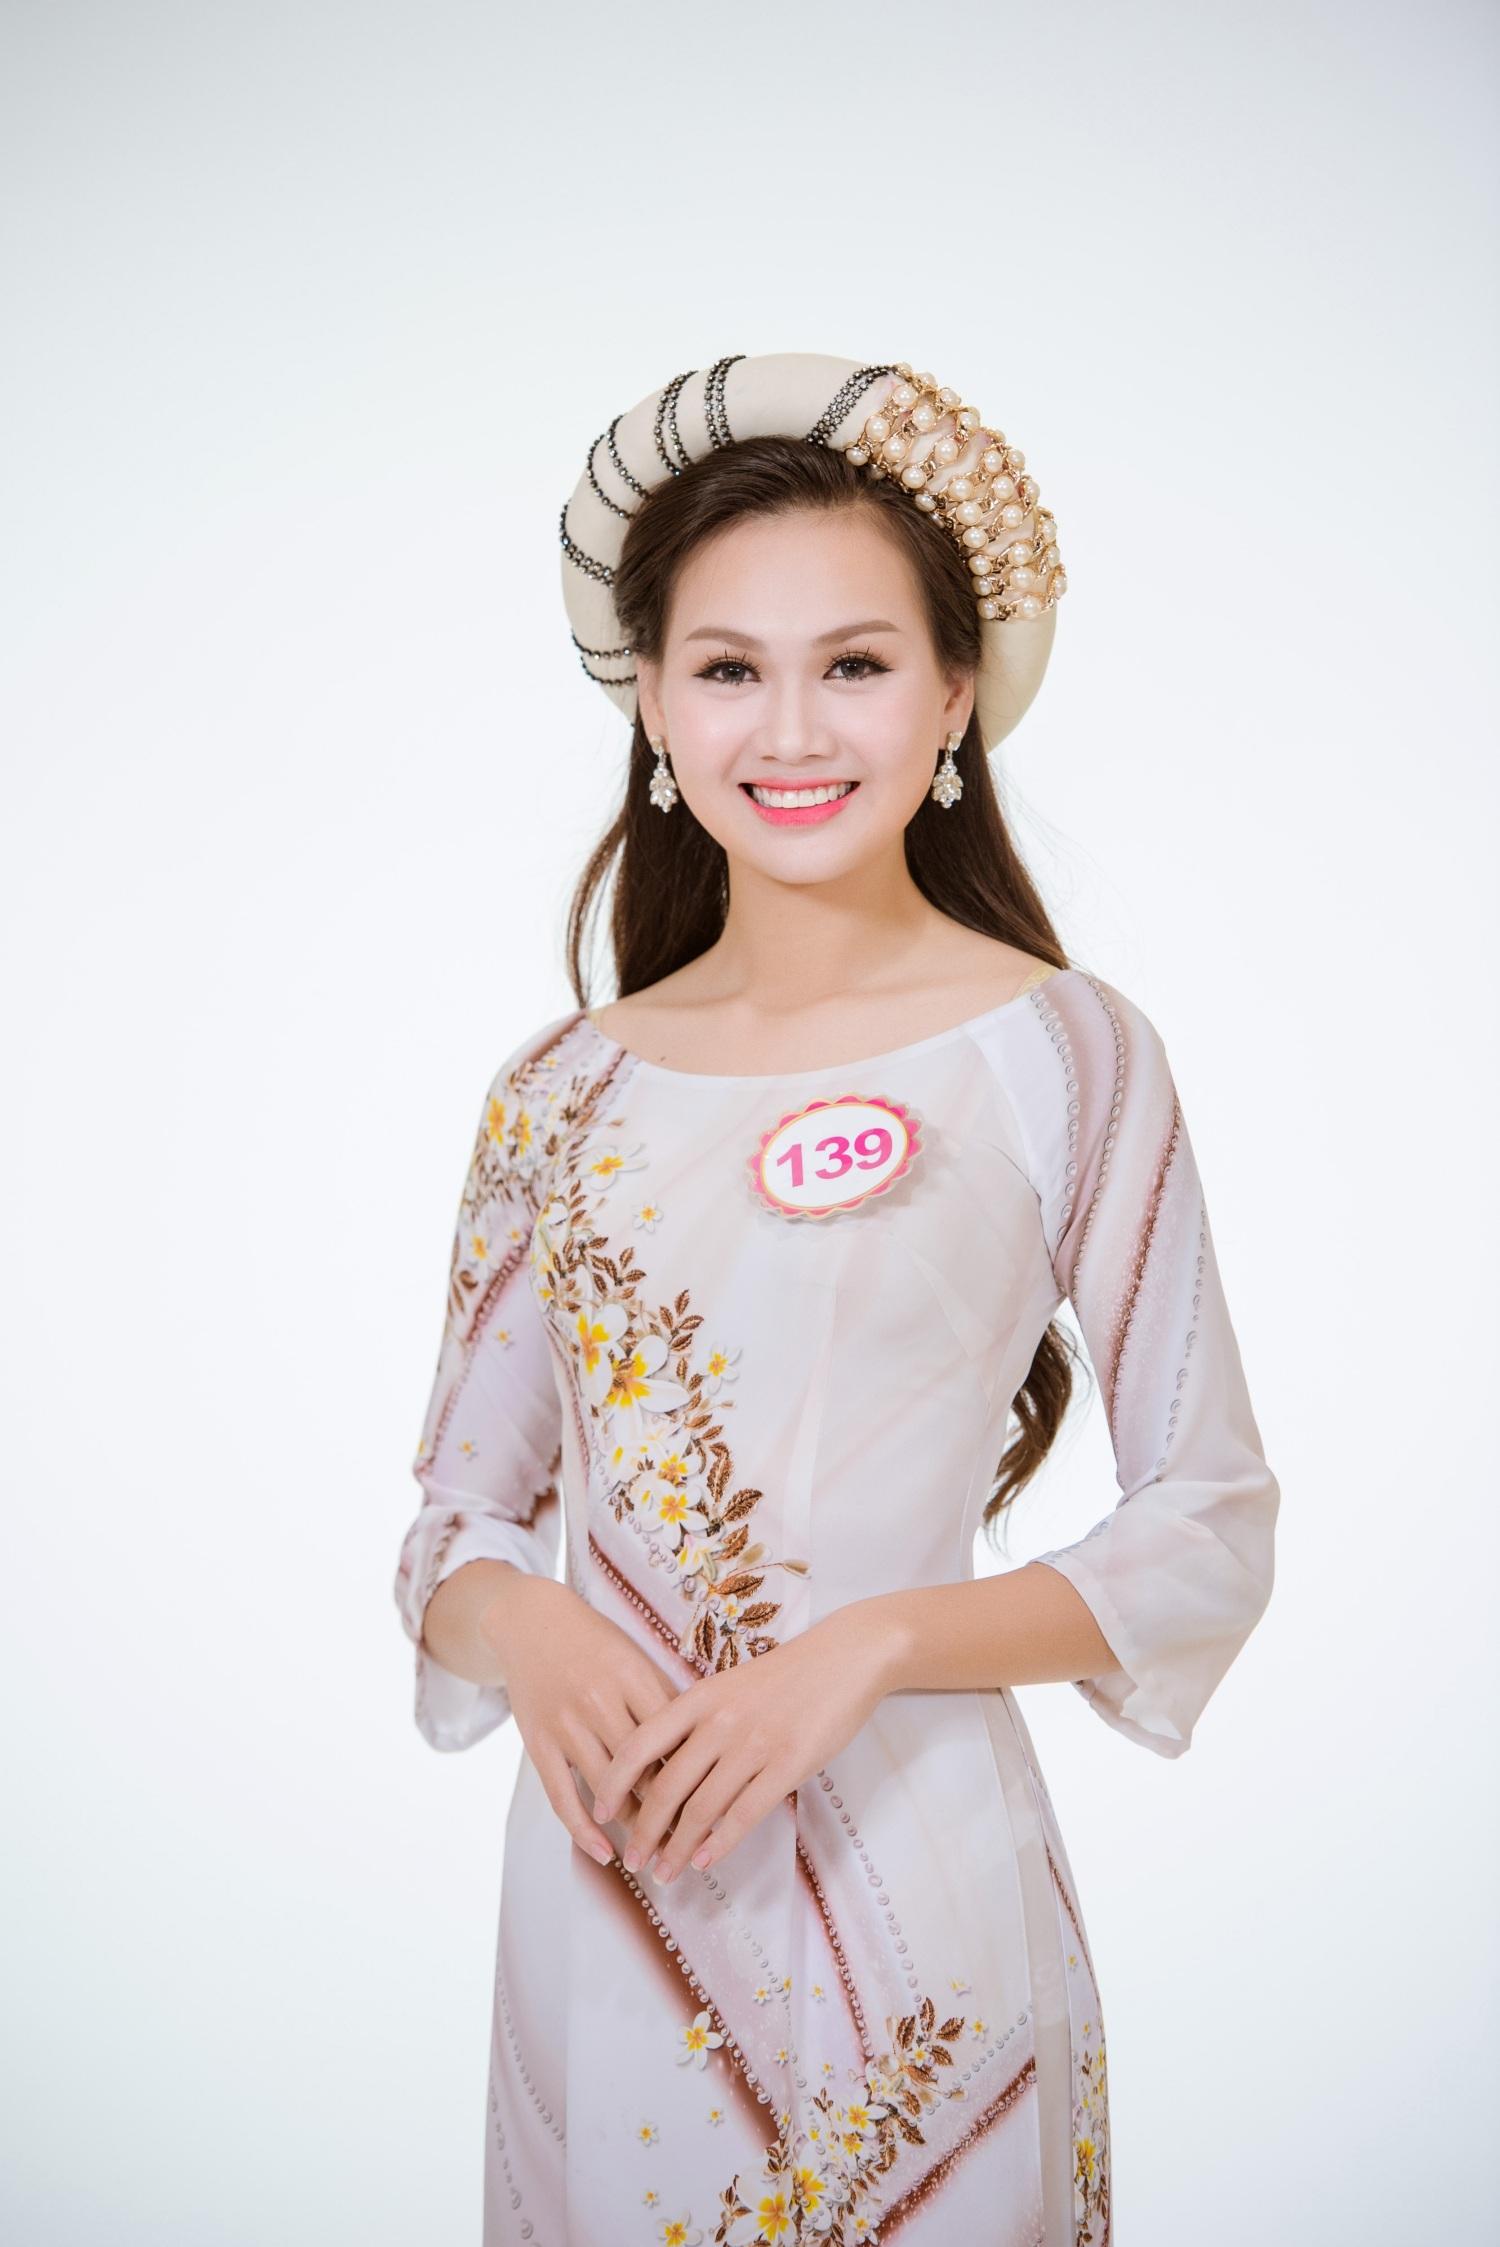 Nguyễn Hương Mỹ Linh.